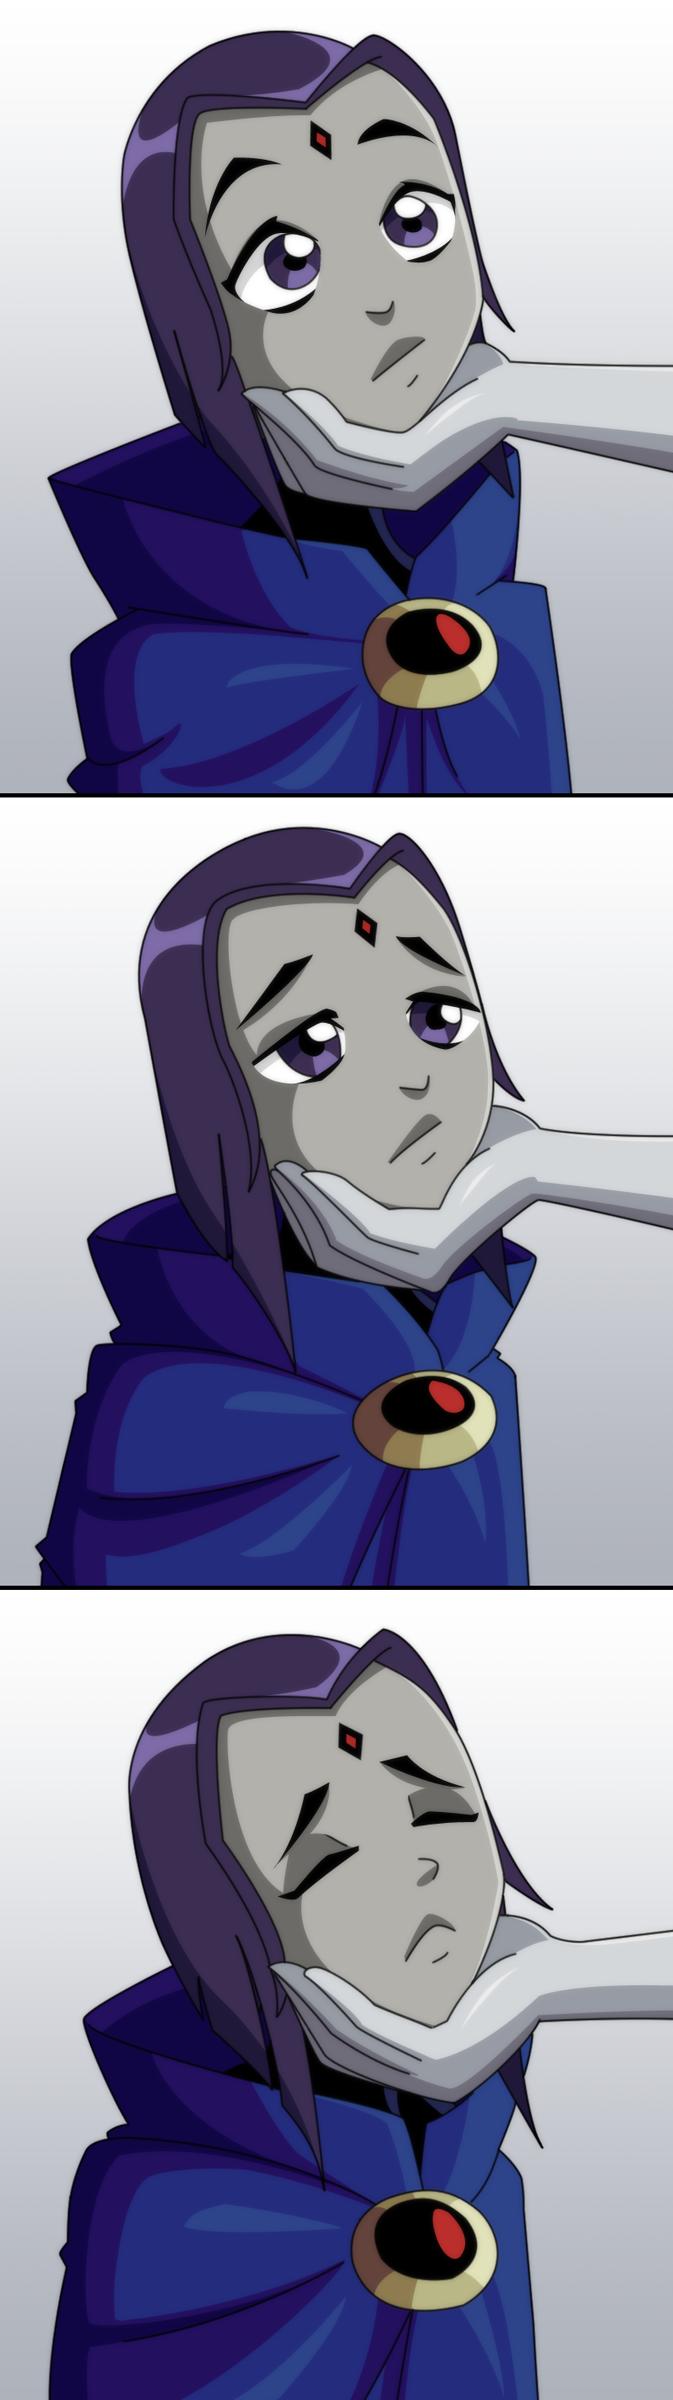 Touching Raven Face By Quewisorest Raven Art Raven Artwork Art